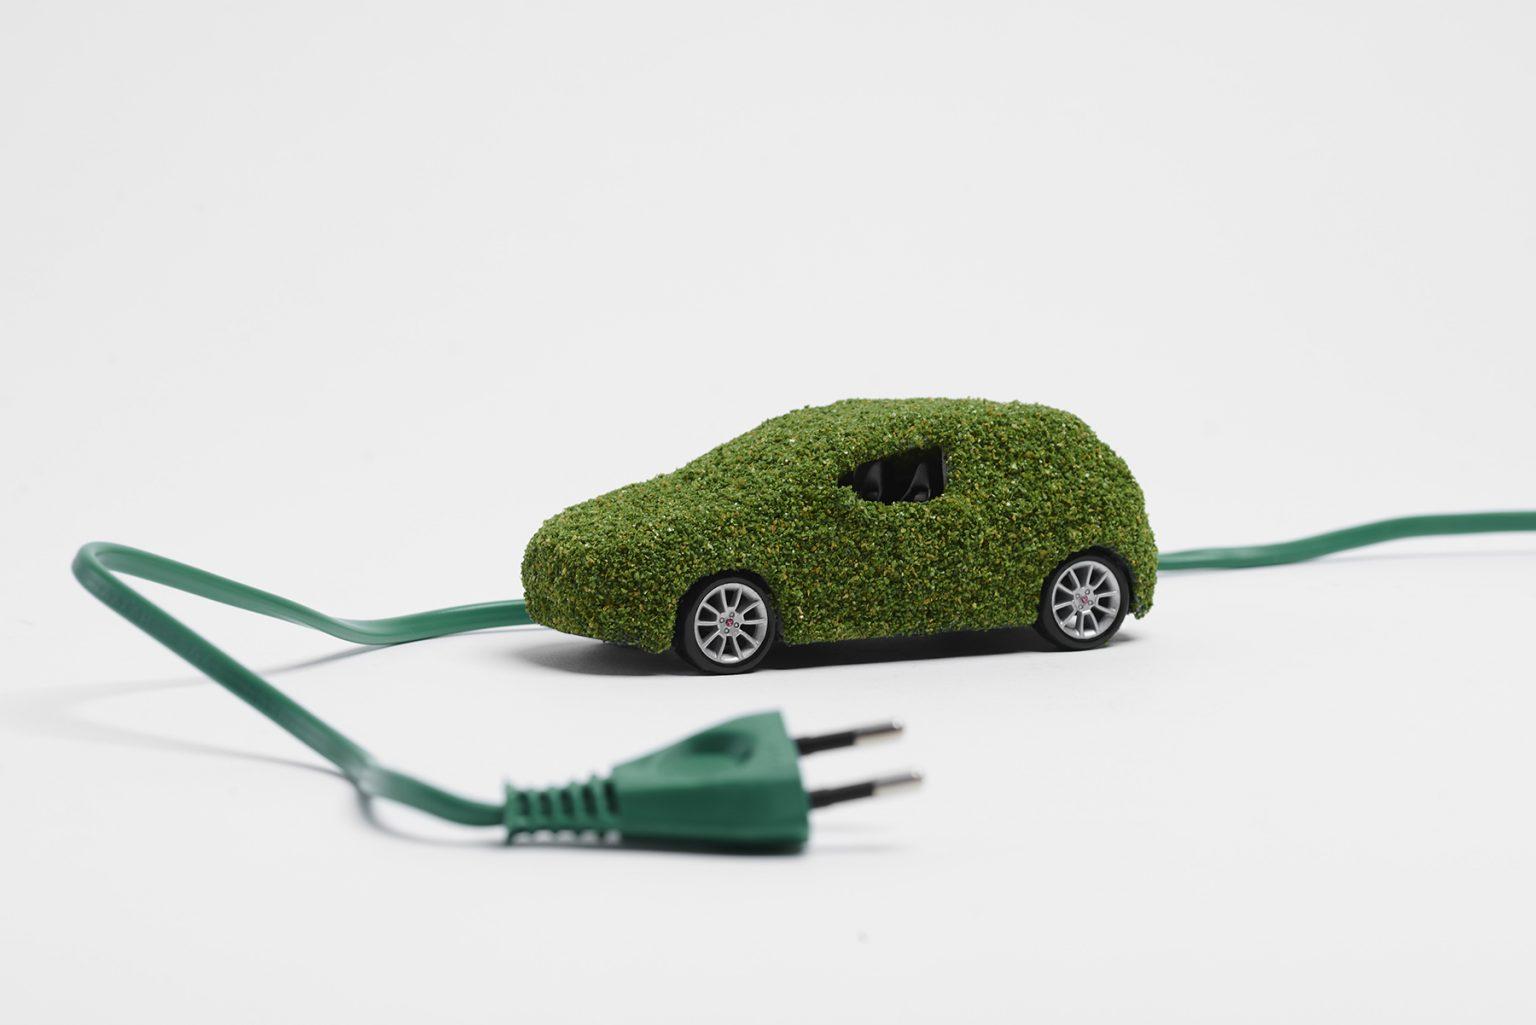 ecological-electric-car-on-white-background-NXKSYEL.jpg